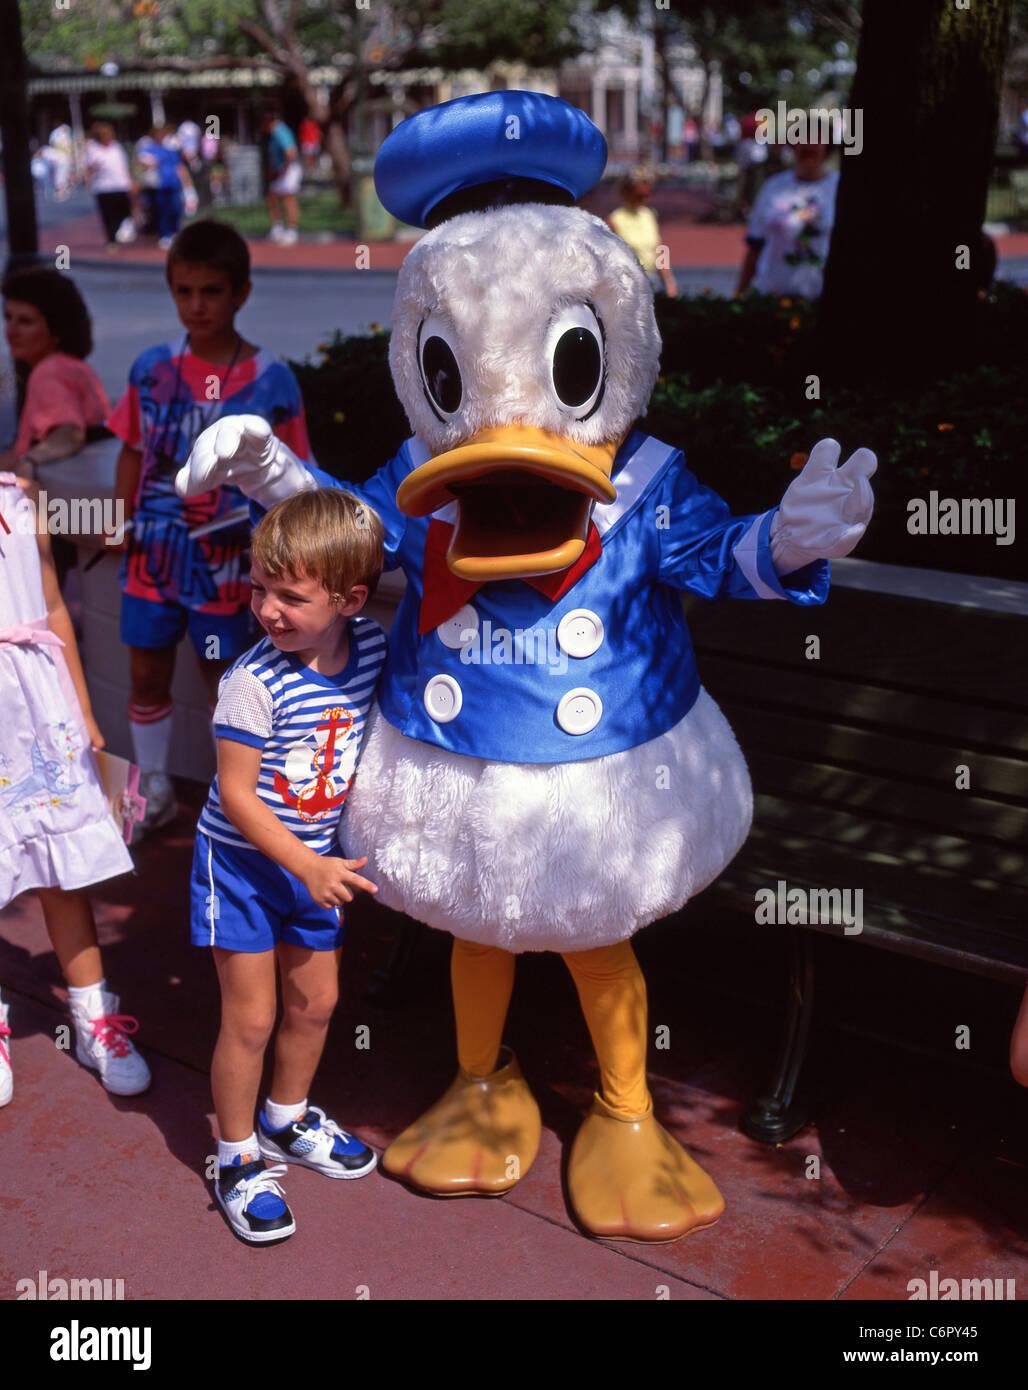 Kind mit Donald Duck Charakter, Walt Disney World, Orlando, Florida, Vereinigte Staaten von Amerika Stockbild